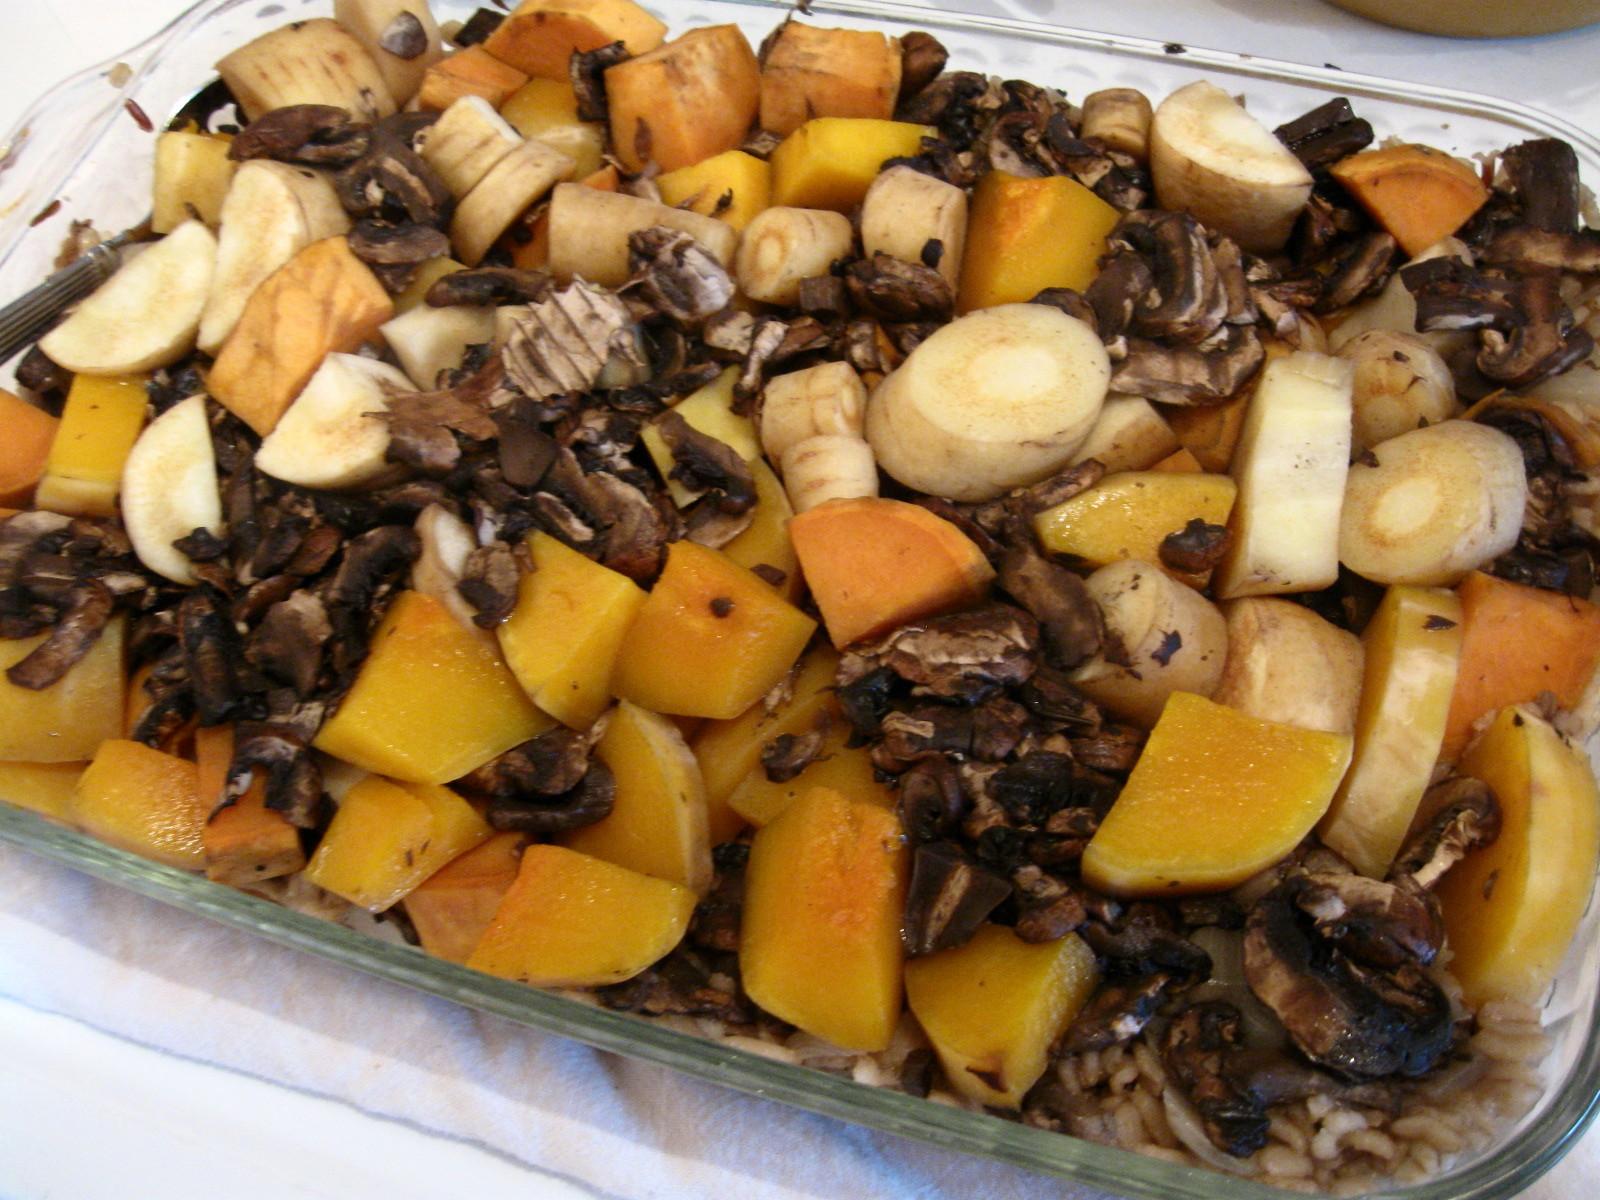 Wild Rice Vegetable Bake #SundaySupper